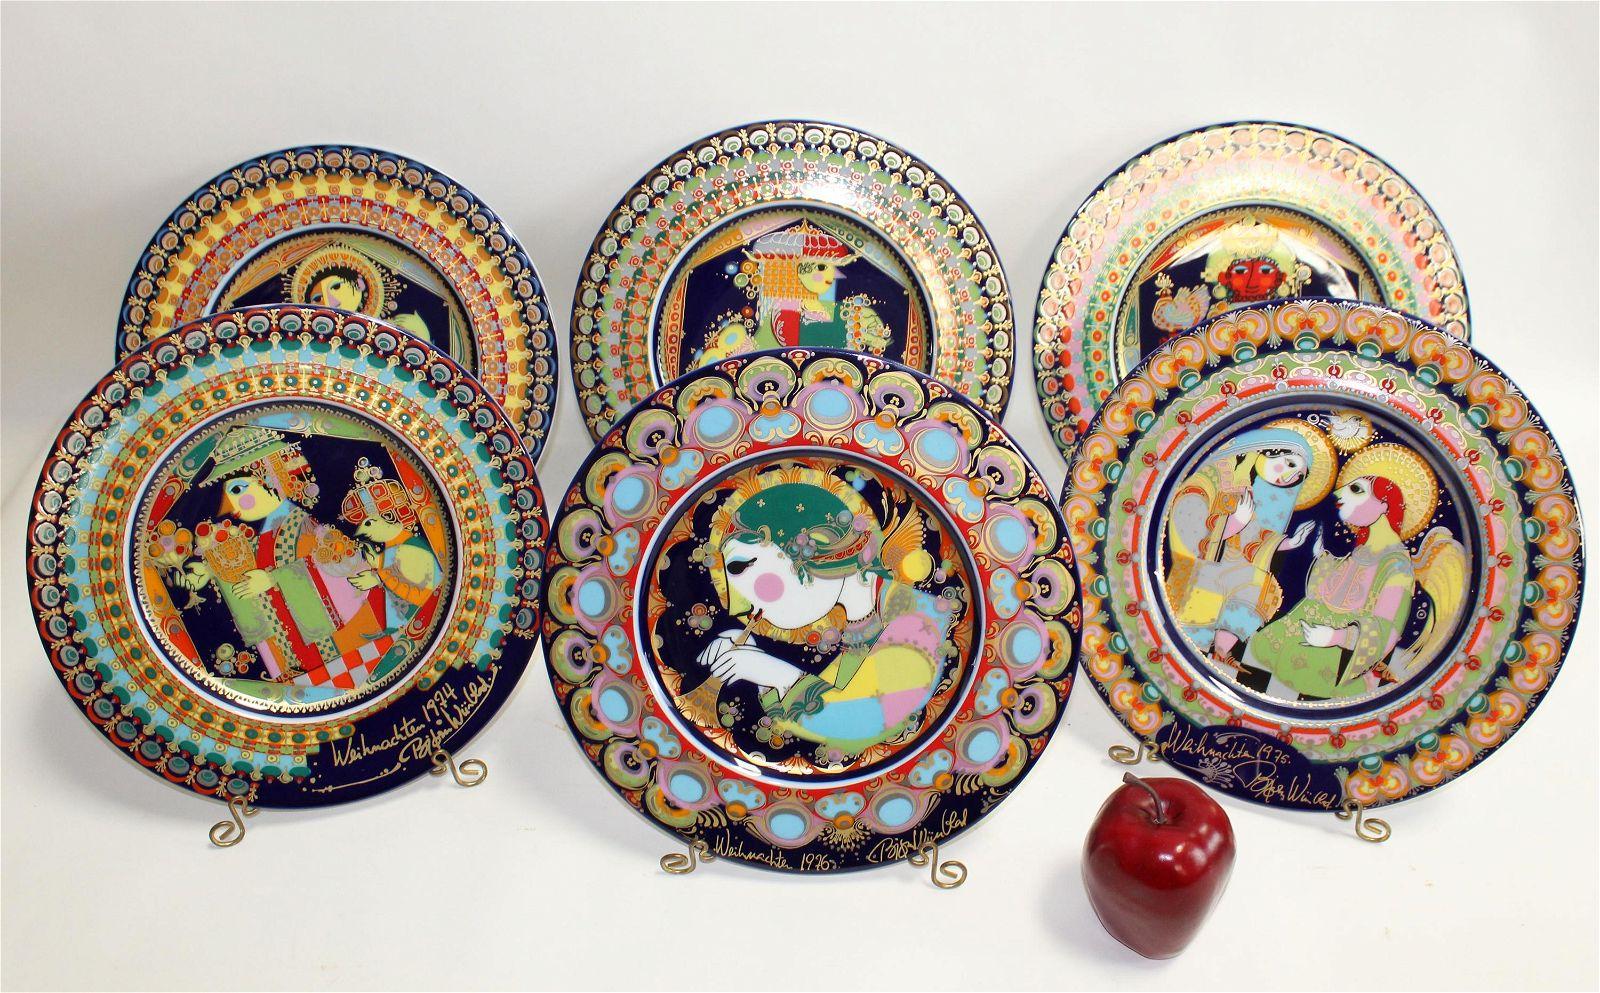 Lot of 6 Rosenthal Bjorn Wiinblad plates